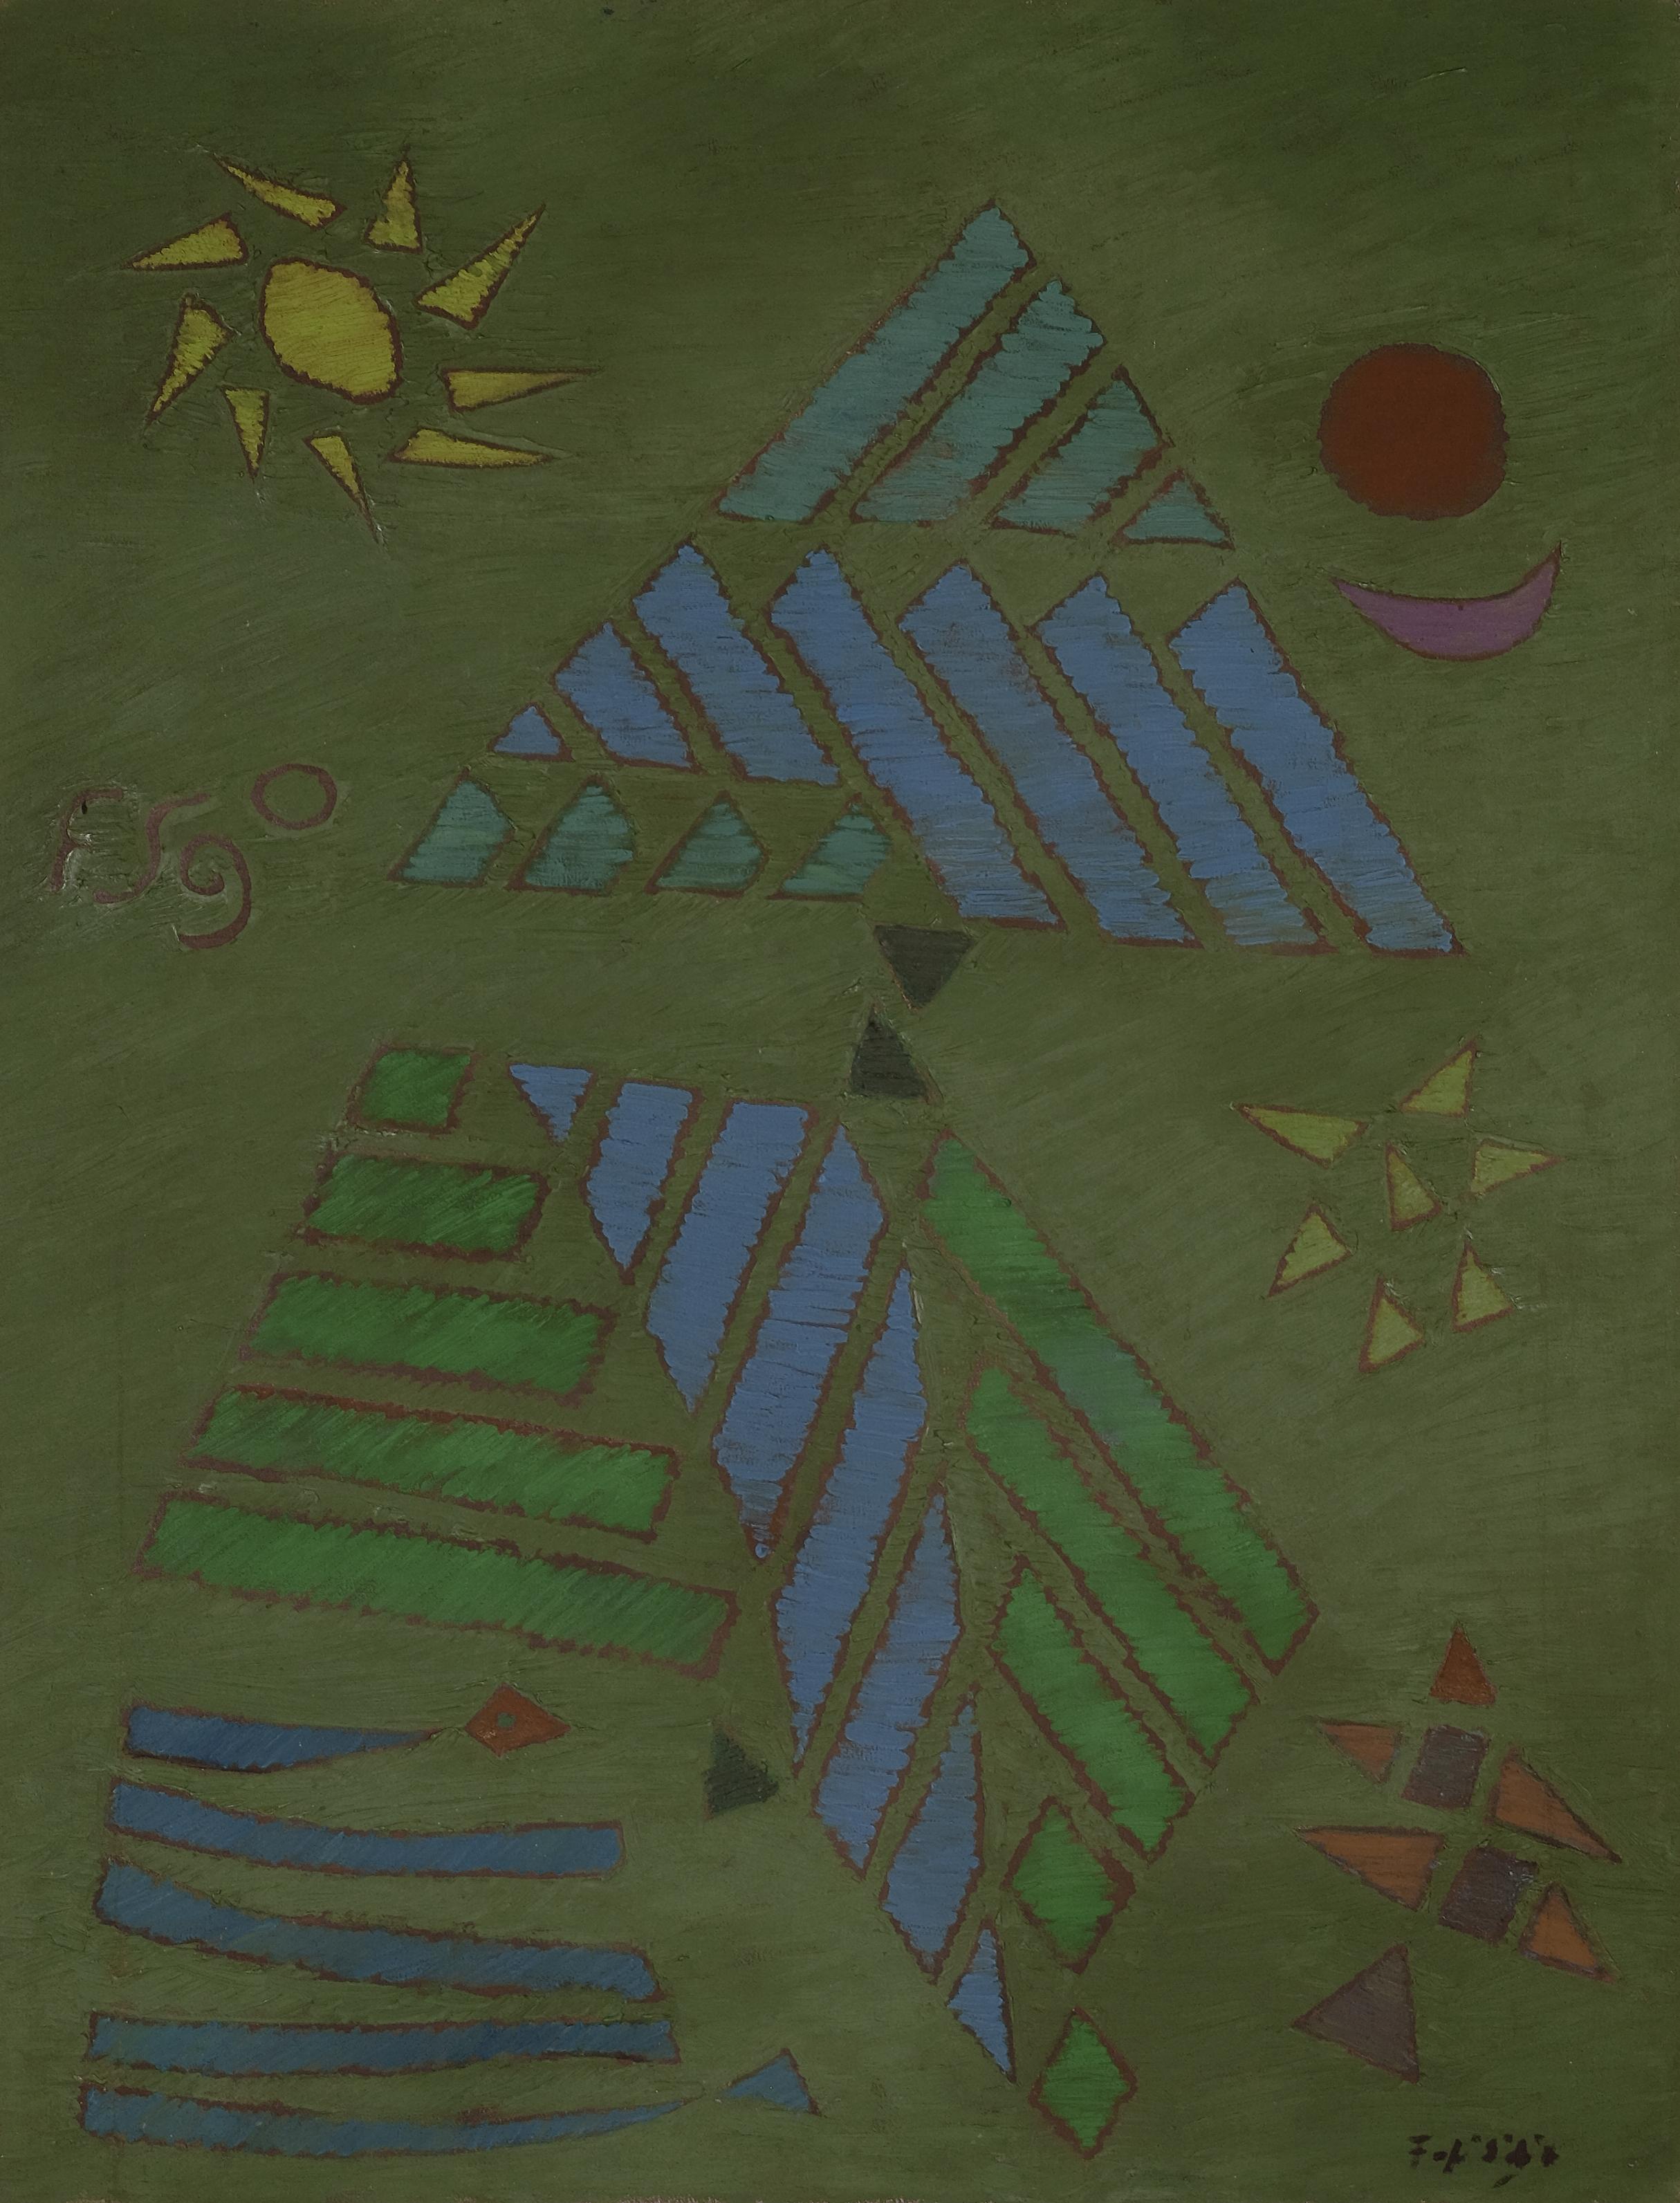 Fadjar Sidik, Abstraksi Matahari, Bulan dan Bintang (Sun, Moon and Star Abstraction), ooc, 90 x 70 cm, 1971.jpeg